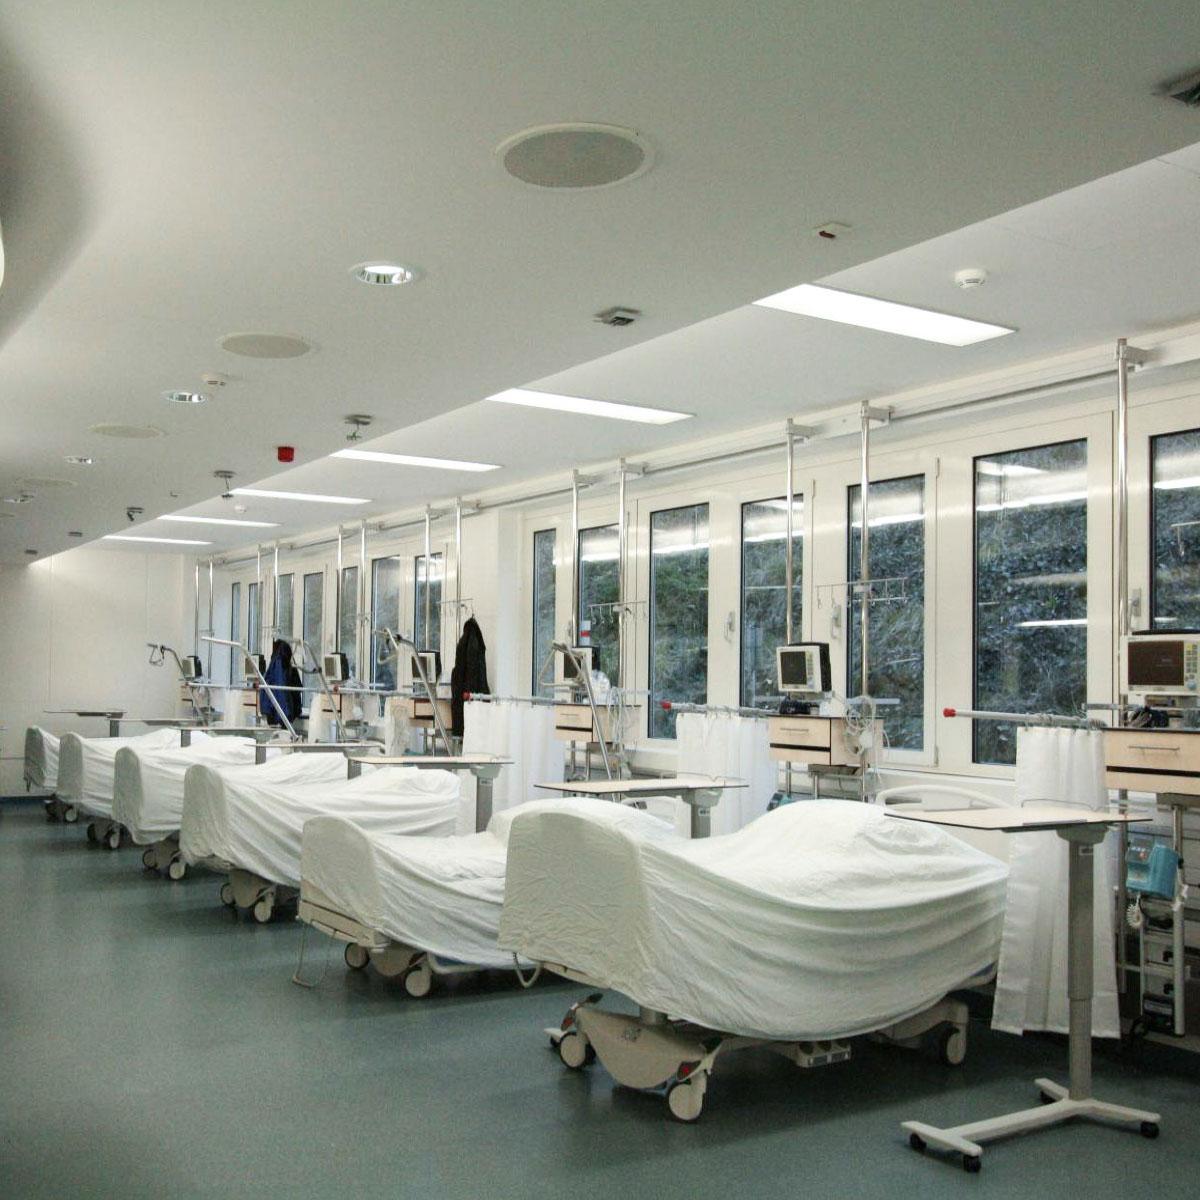 viele Patienten auf engem Raum